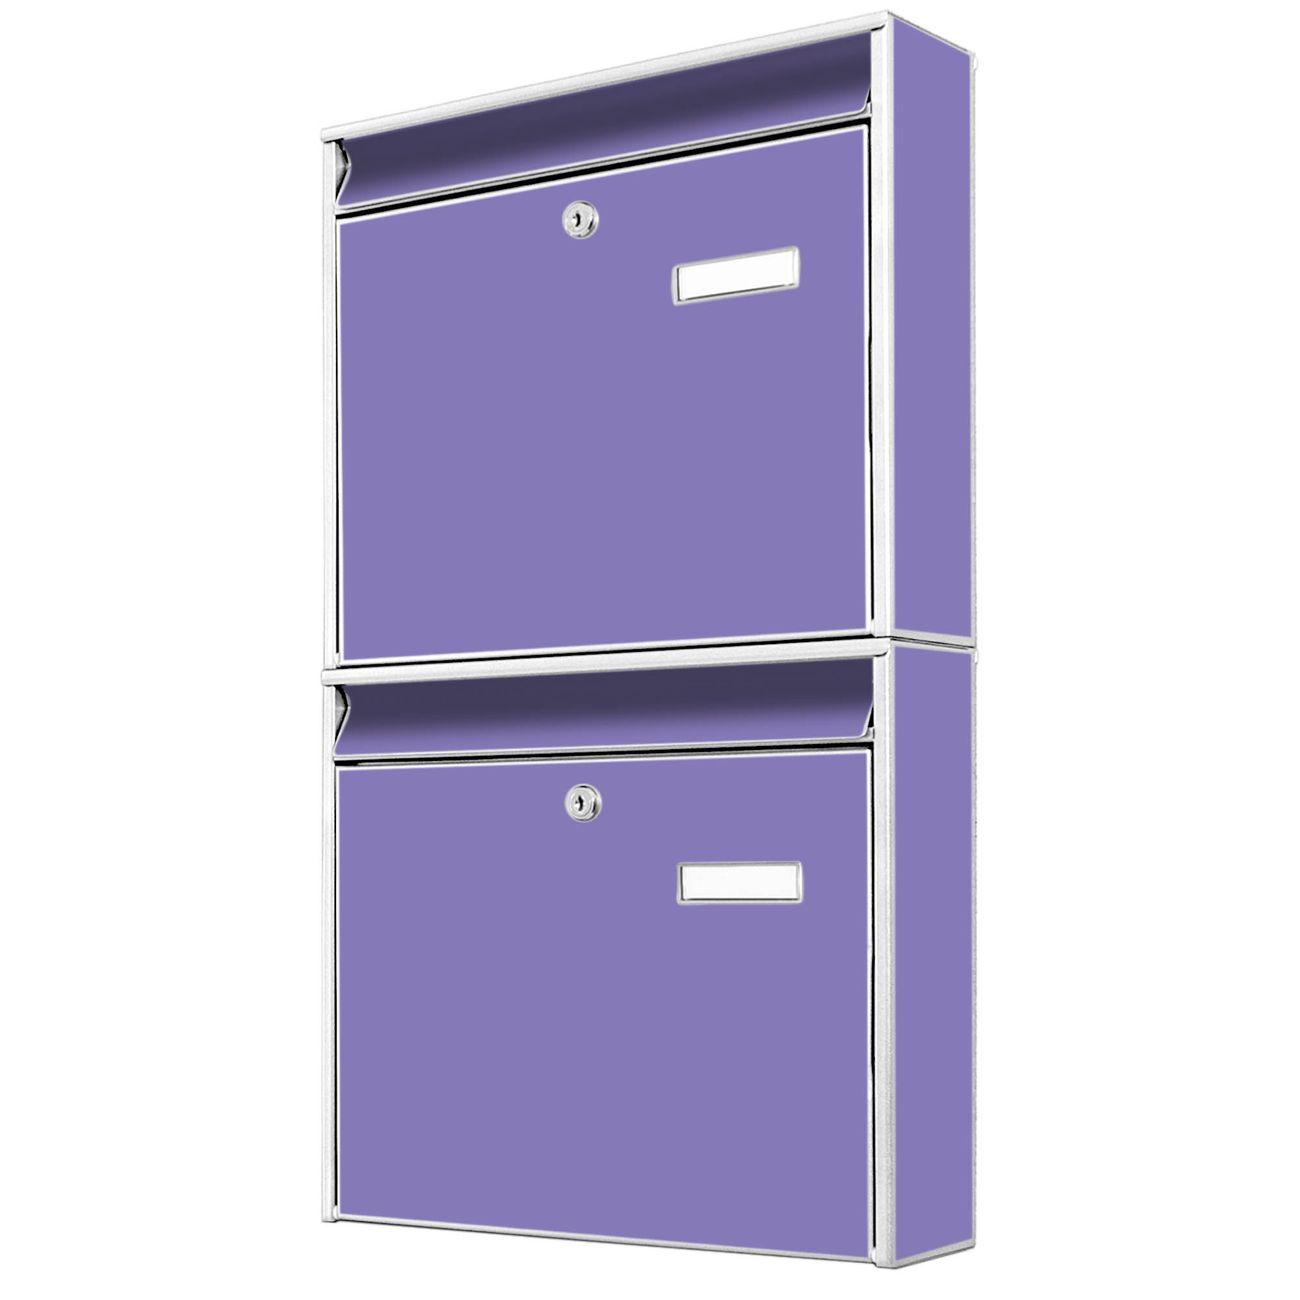 Doppelbriefkasten hoch Lavendel